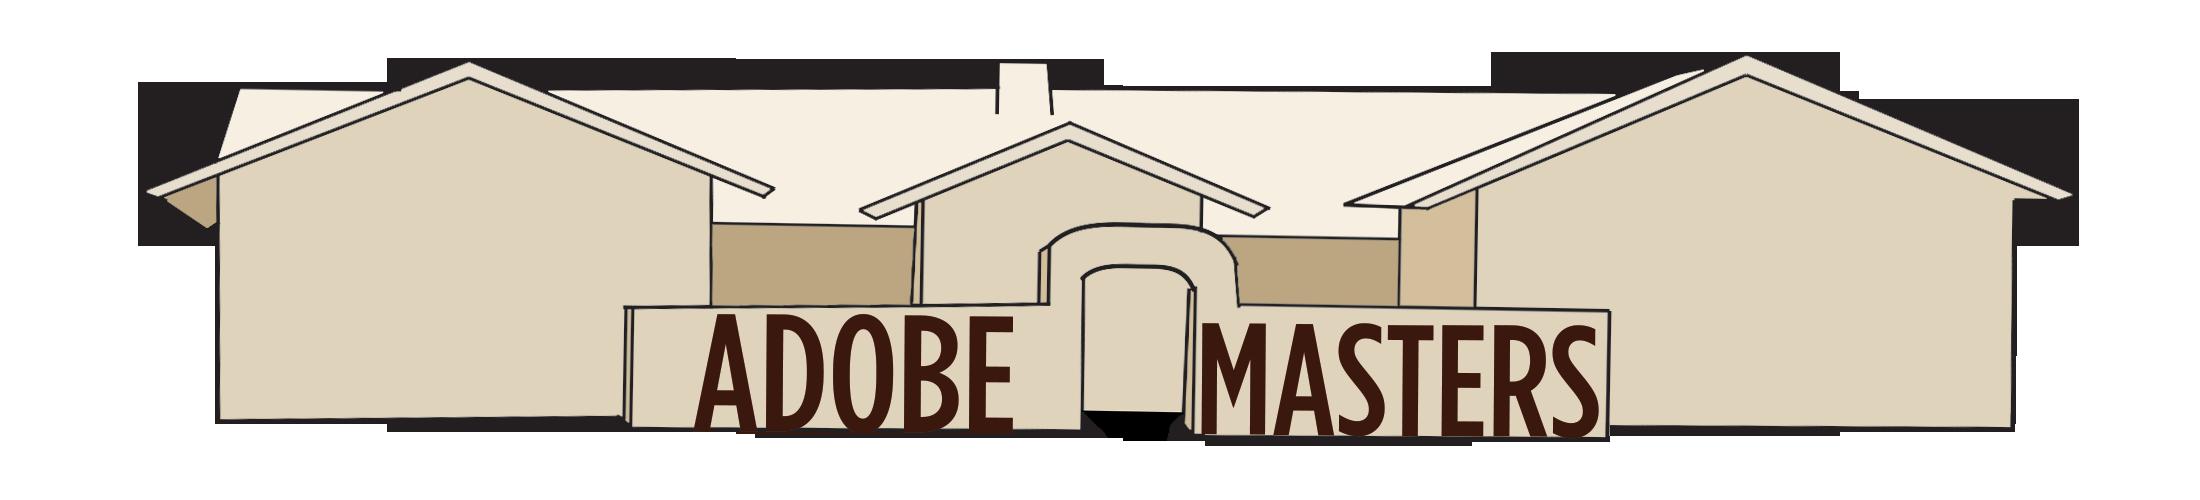 Desert clipart desert house. Application of silox adobe